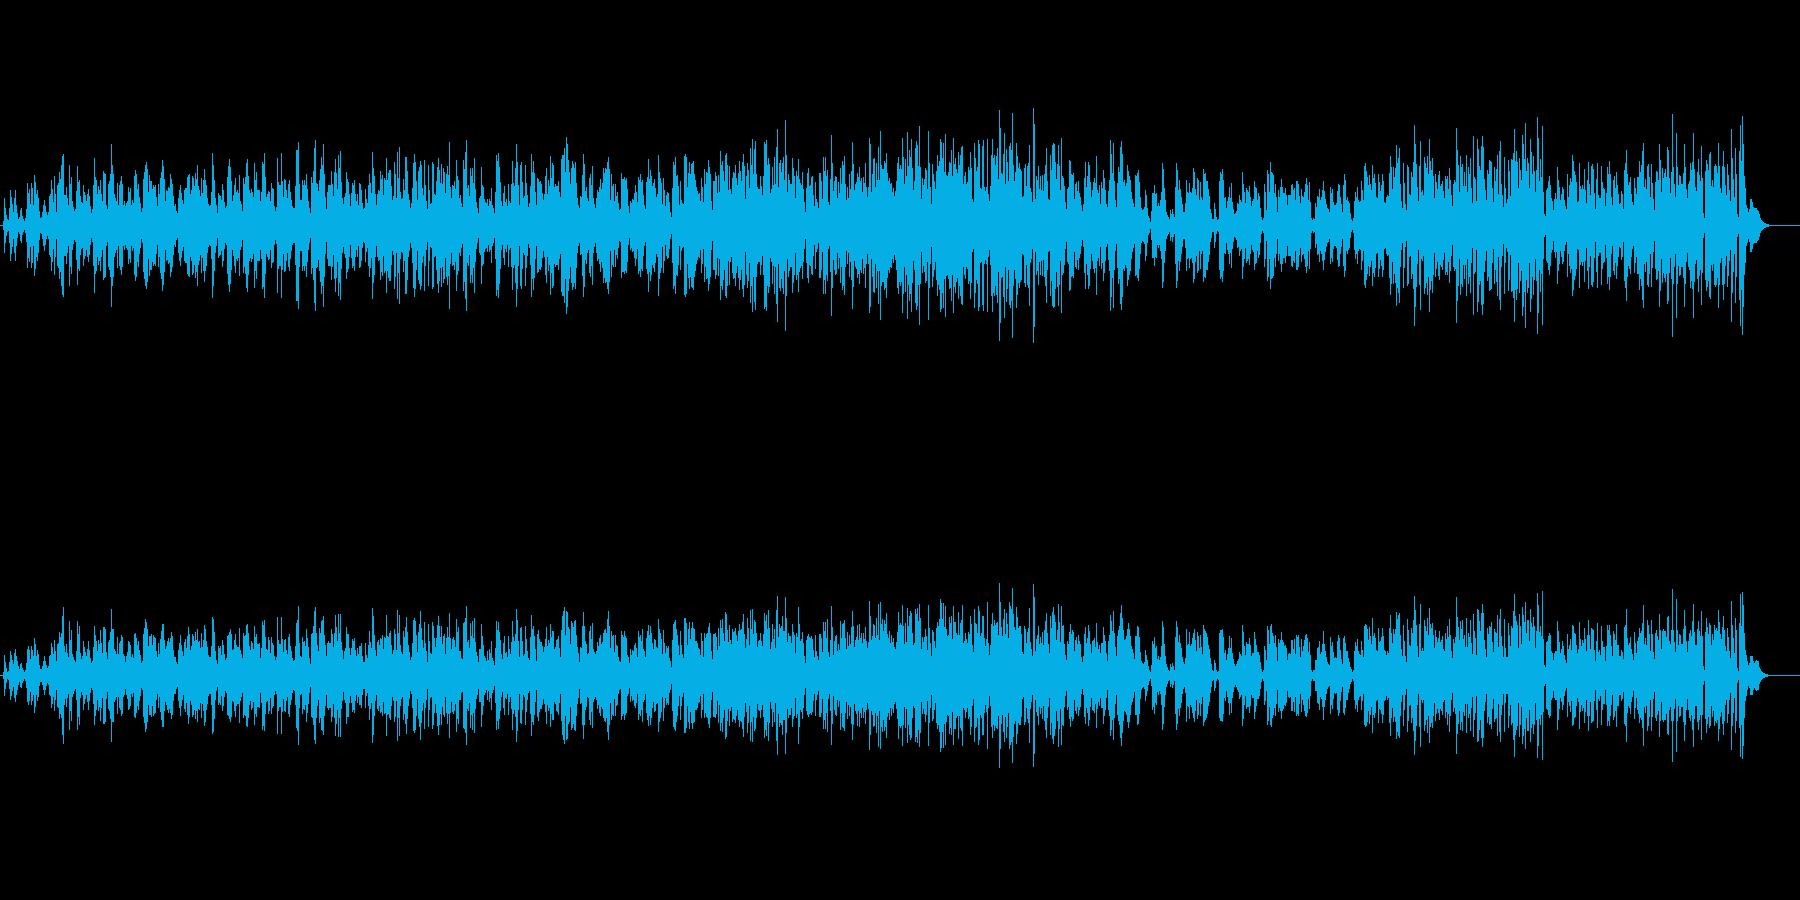 気だるい雰囲気のピアノジャズの再生済みの波形